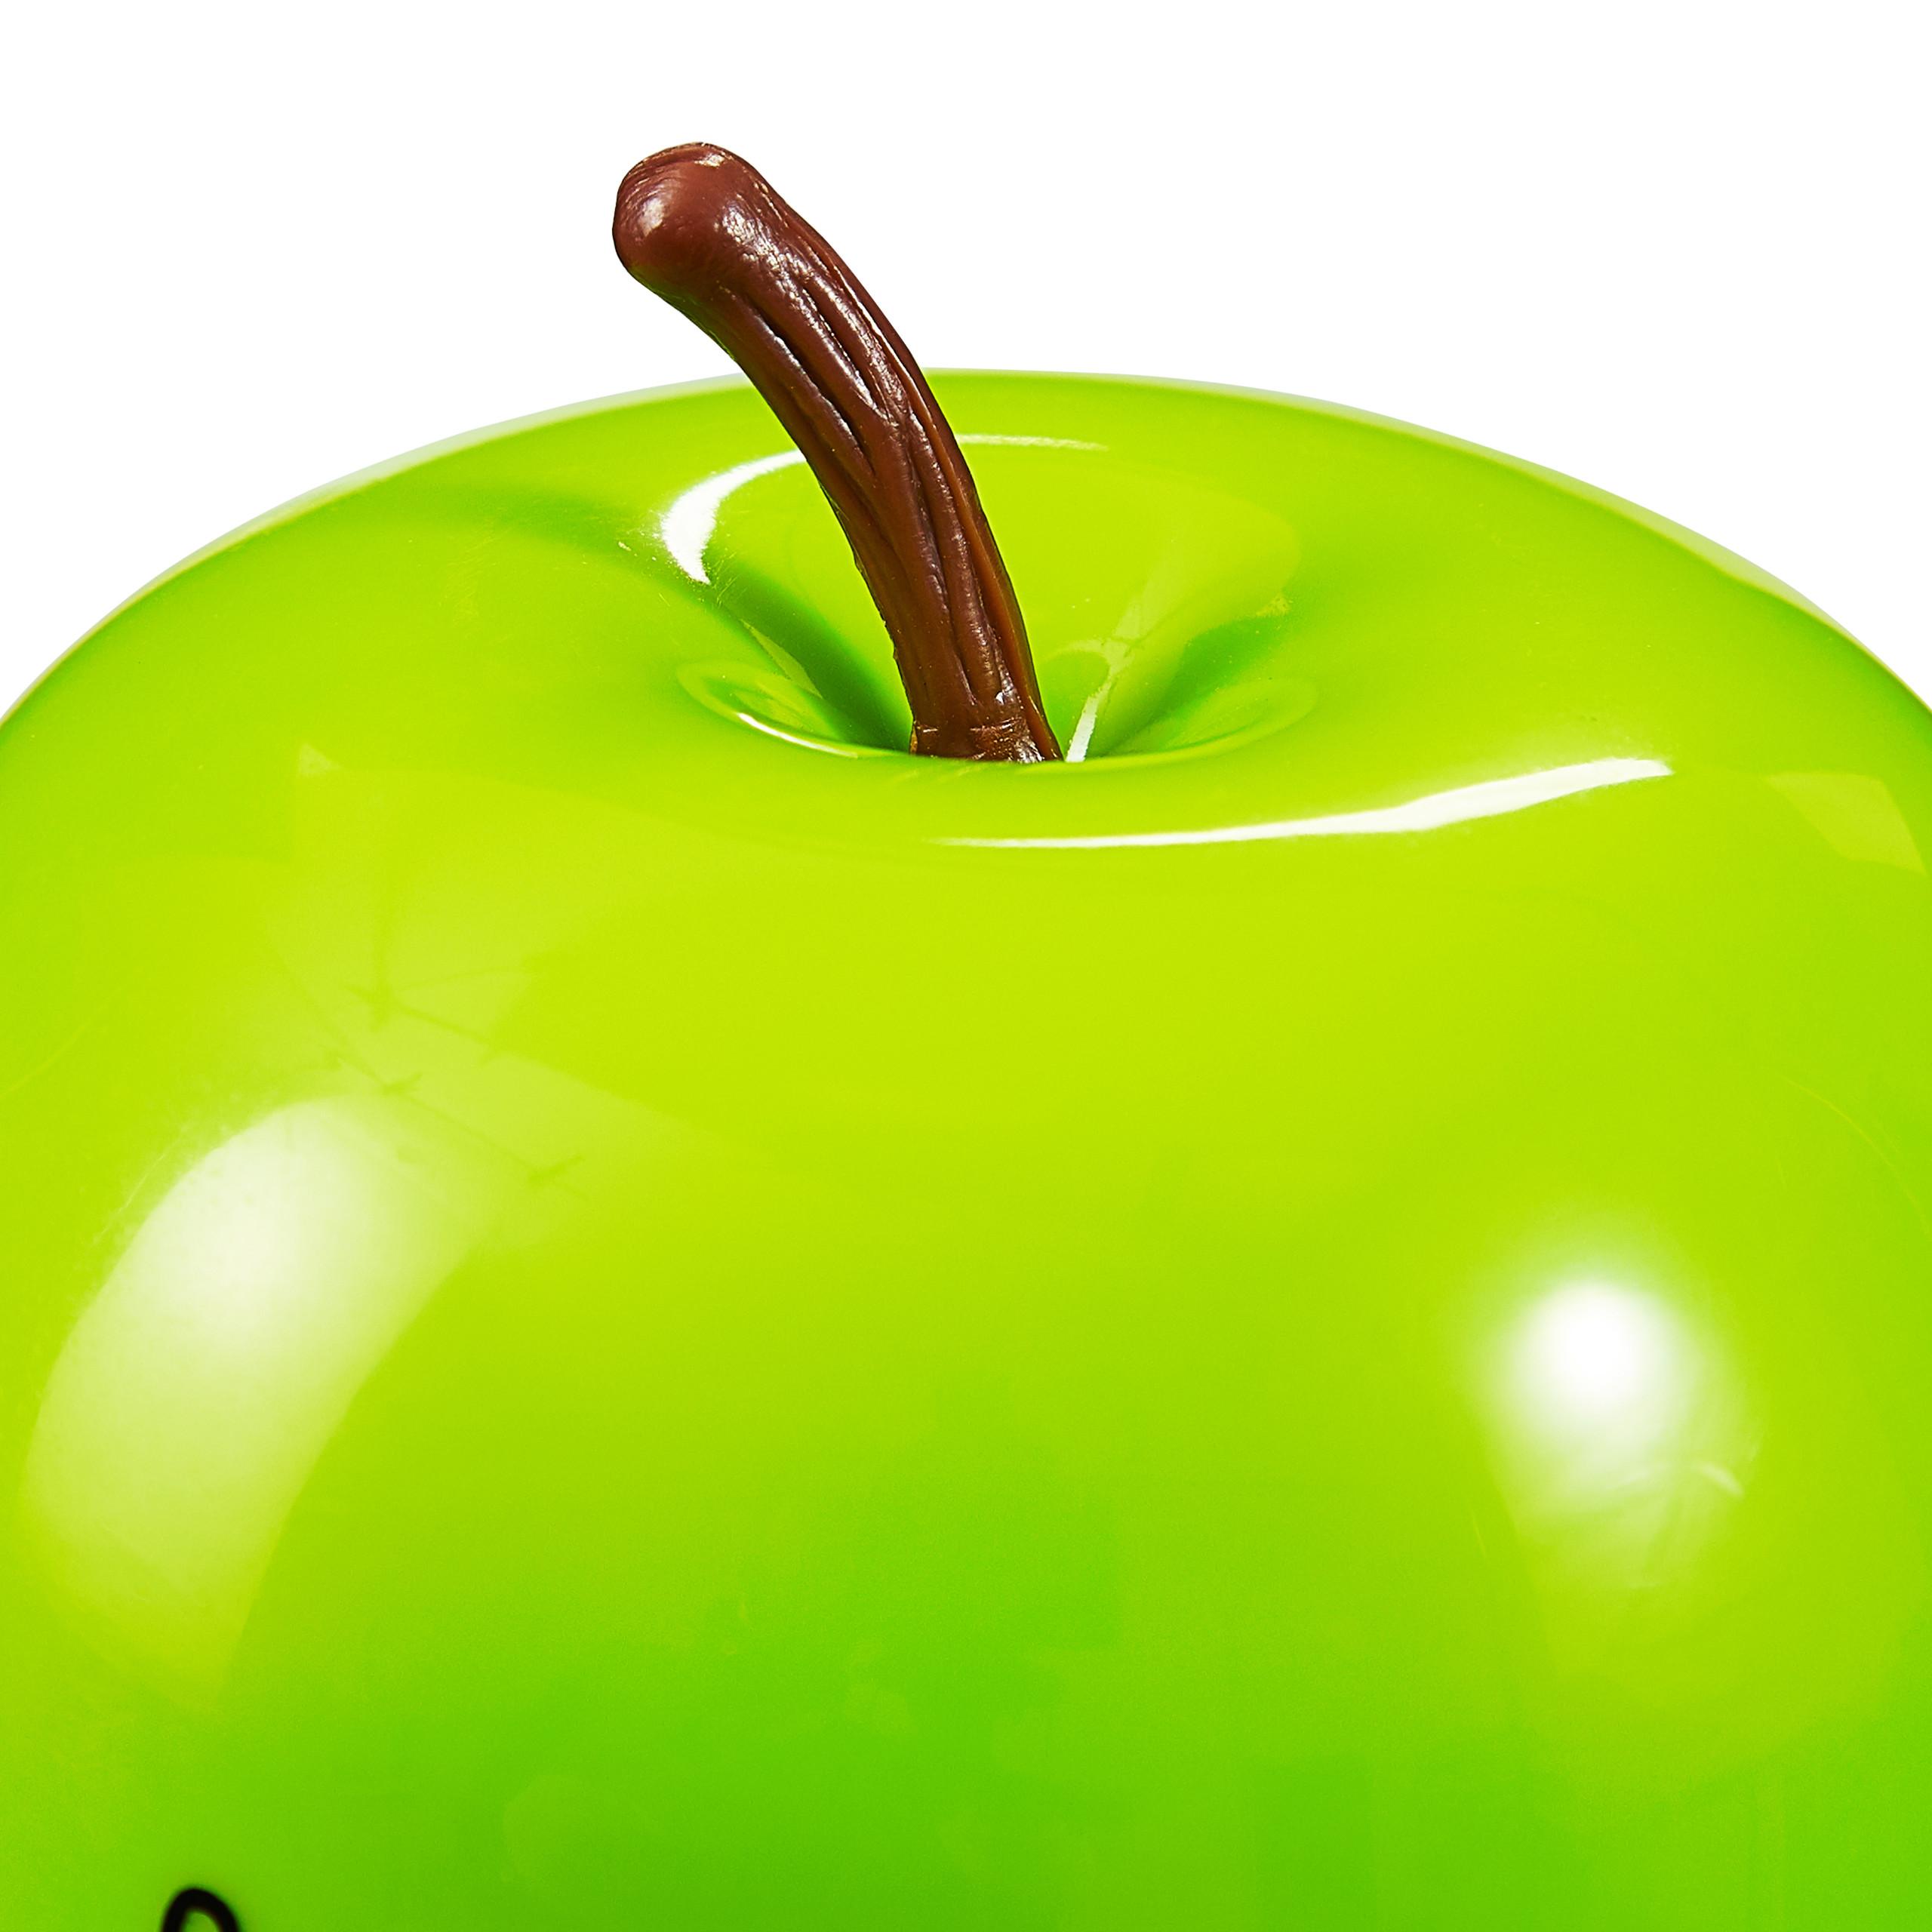 kookwekker-grappig-eierwekker-appel-kook-wekker-keuken-wekker-timer miniatuur 8